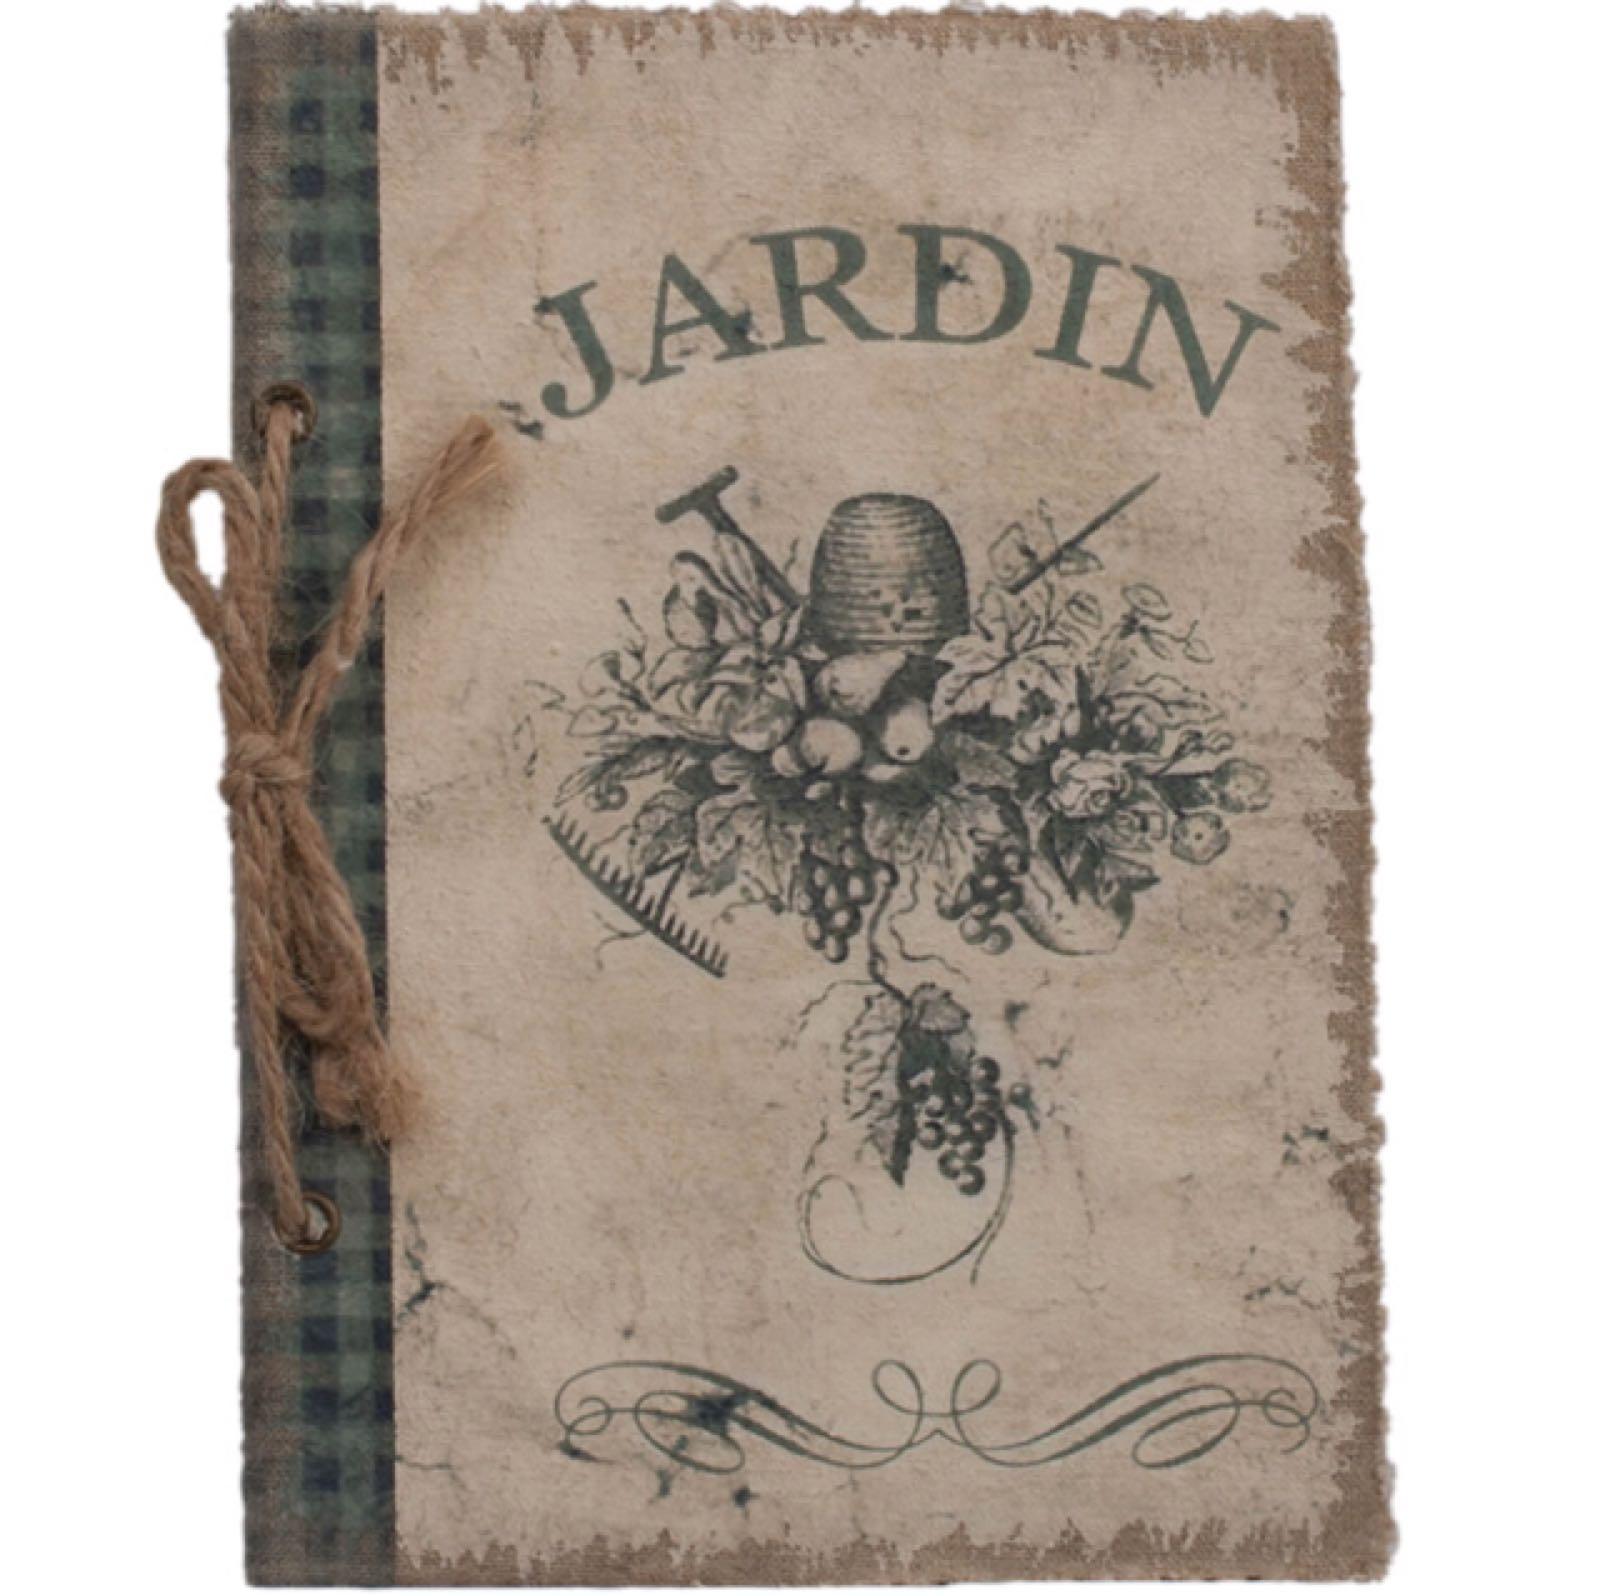 Noteringsbok | Jardin